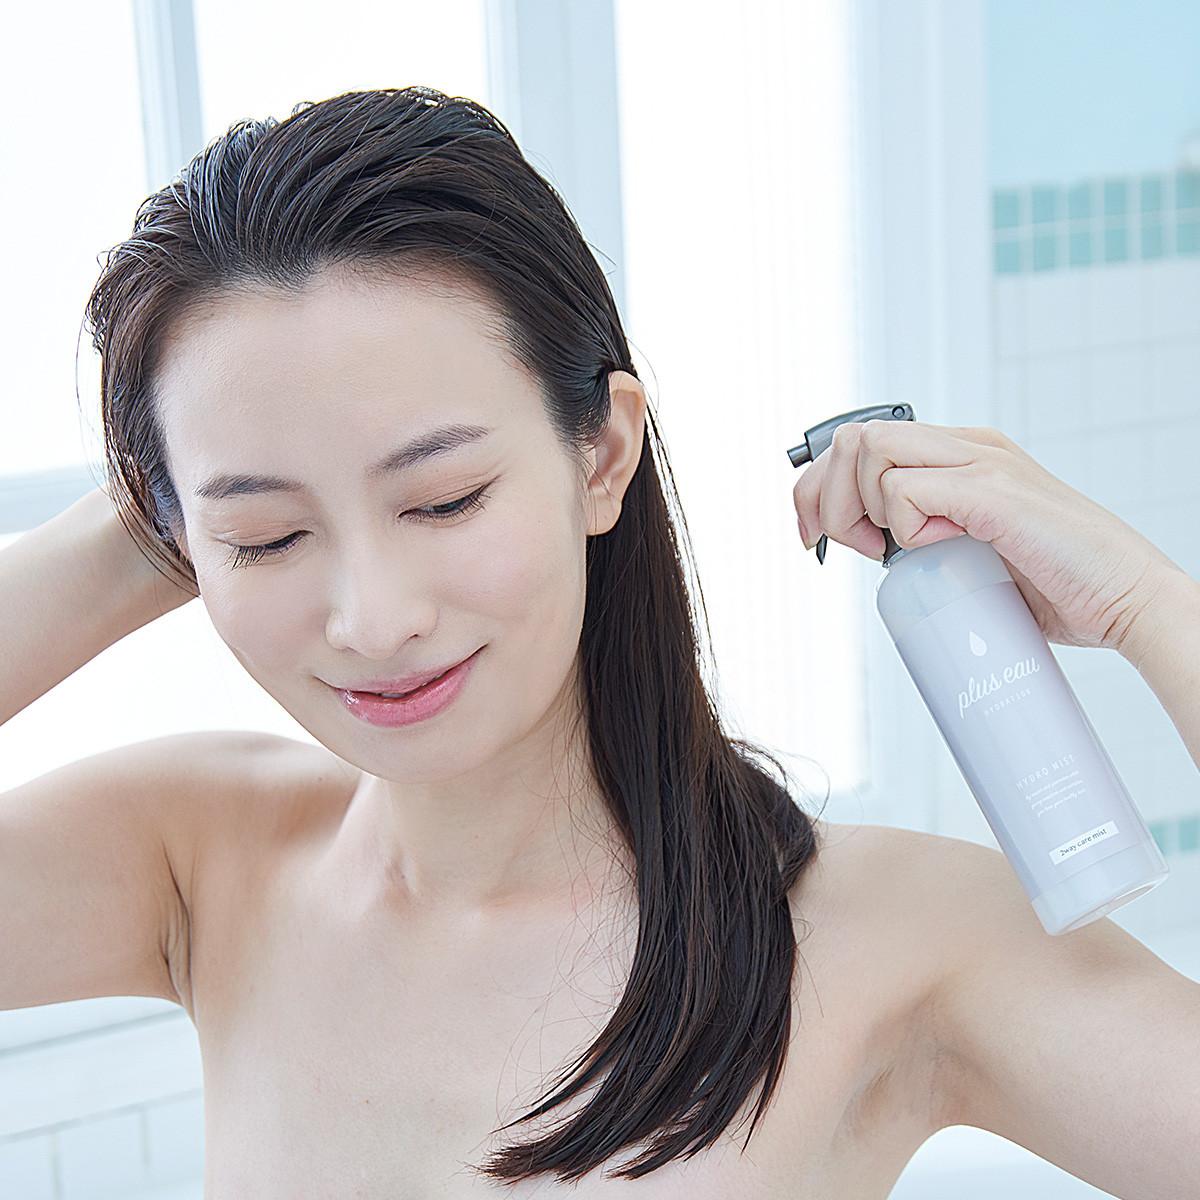 """髪にも""""導入美容液""""!? サロン発想のスペシャルケアミストで、潤った理想の髪質に_1_1"""